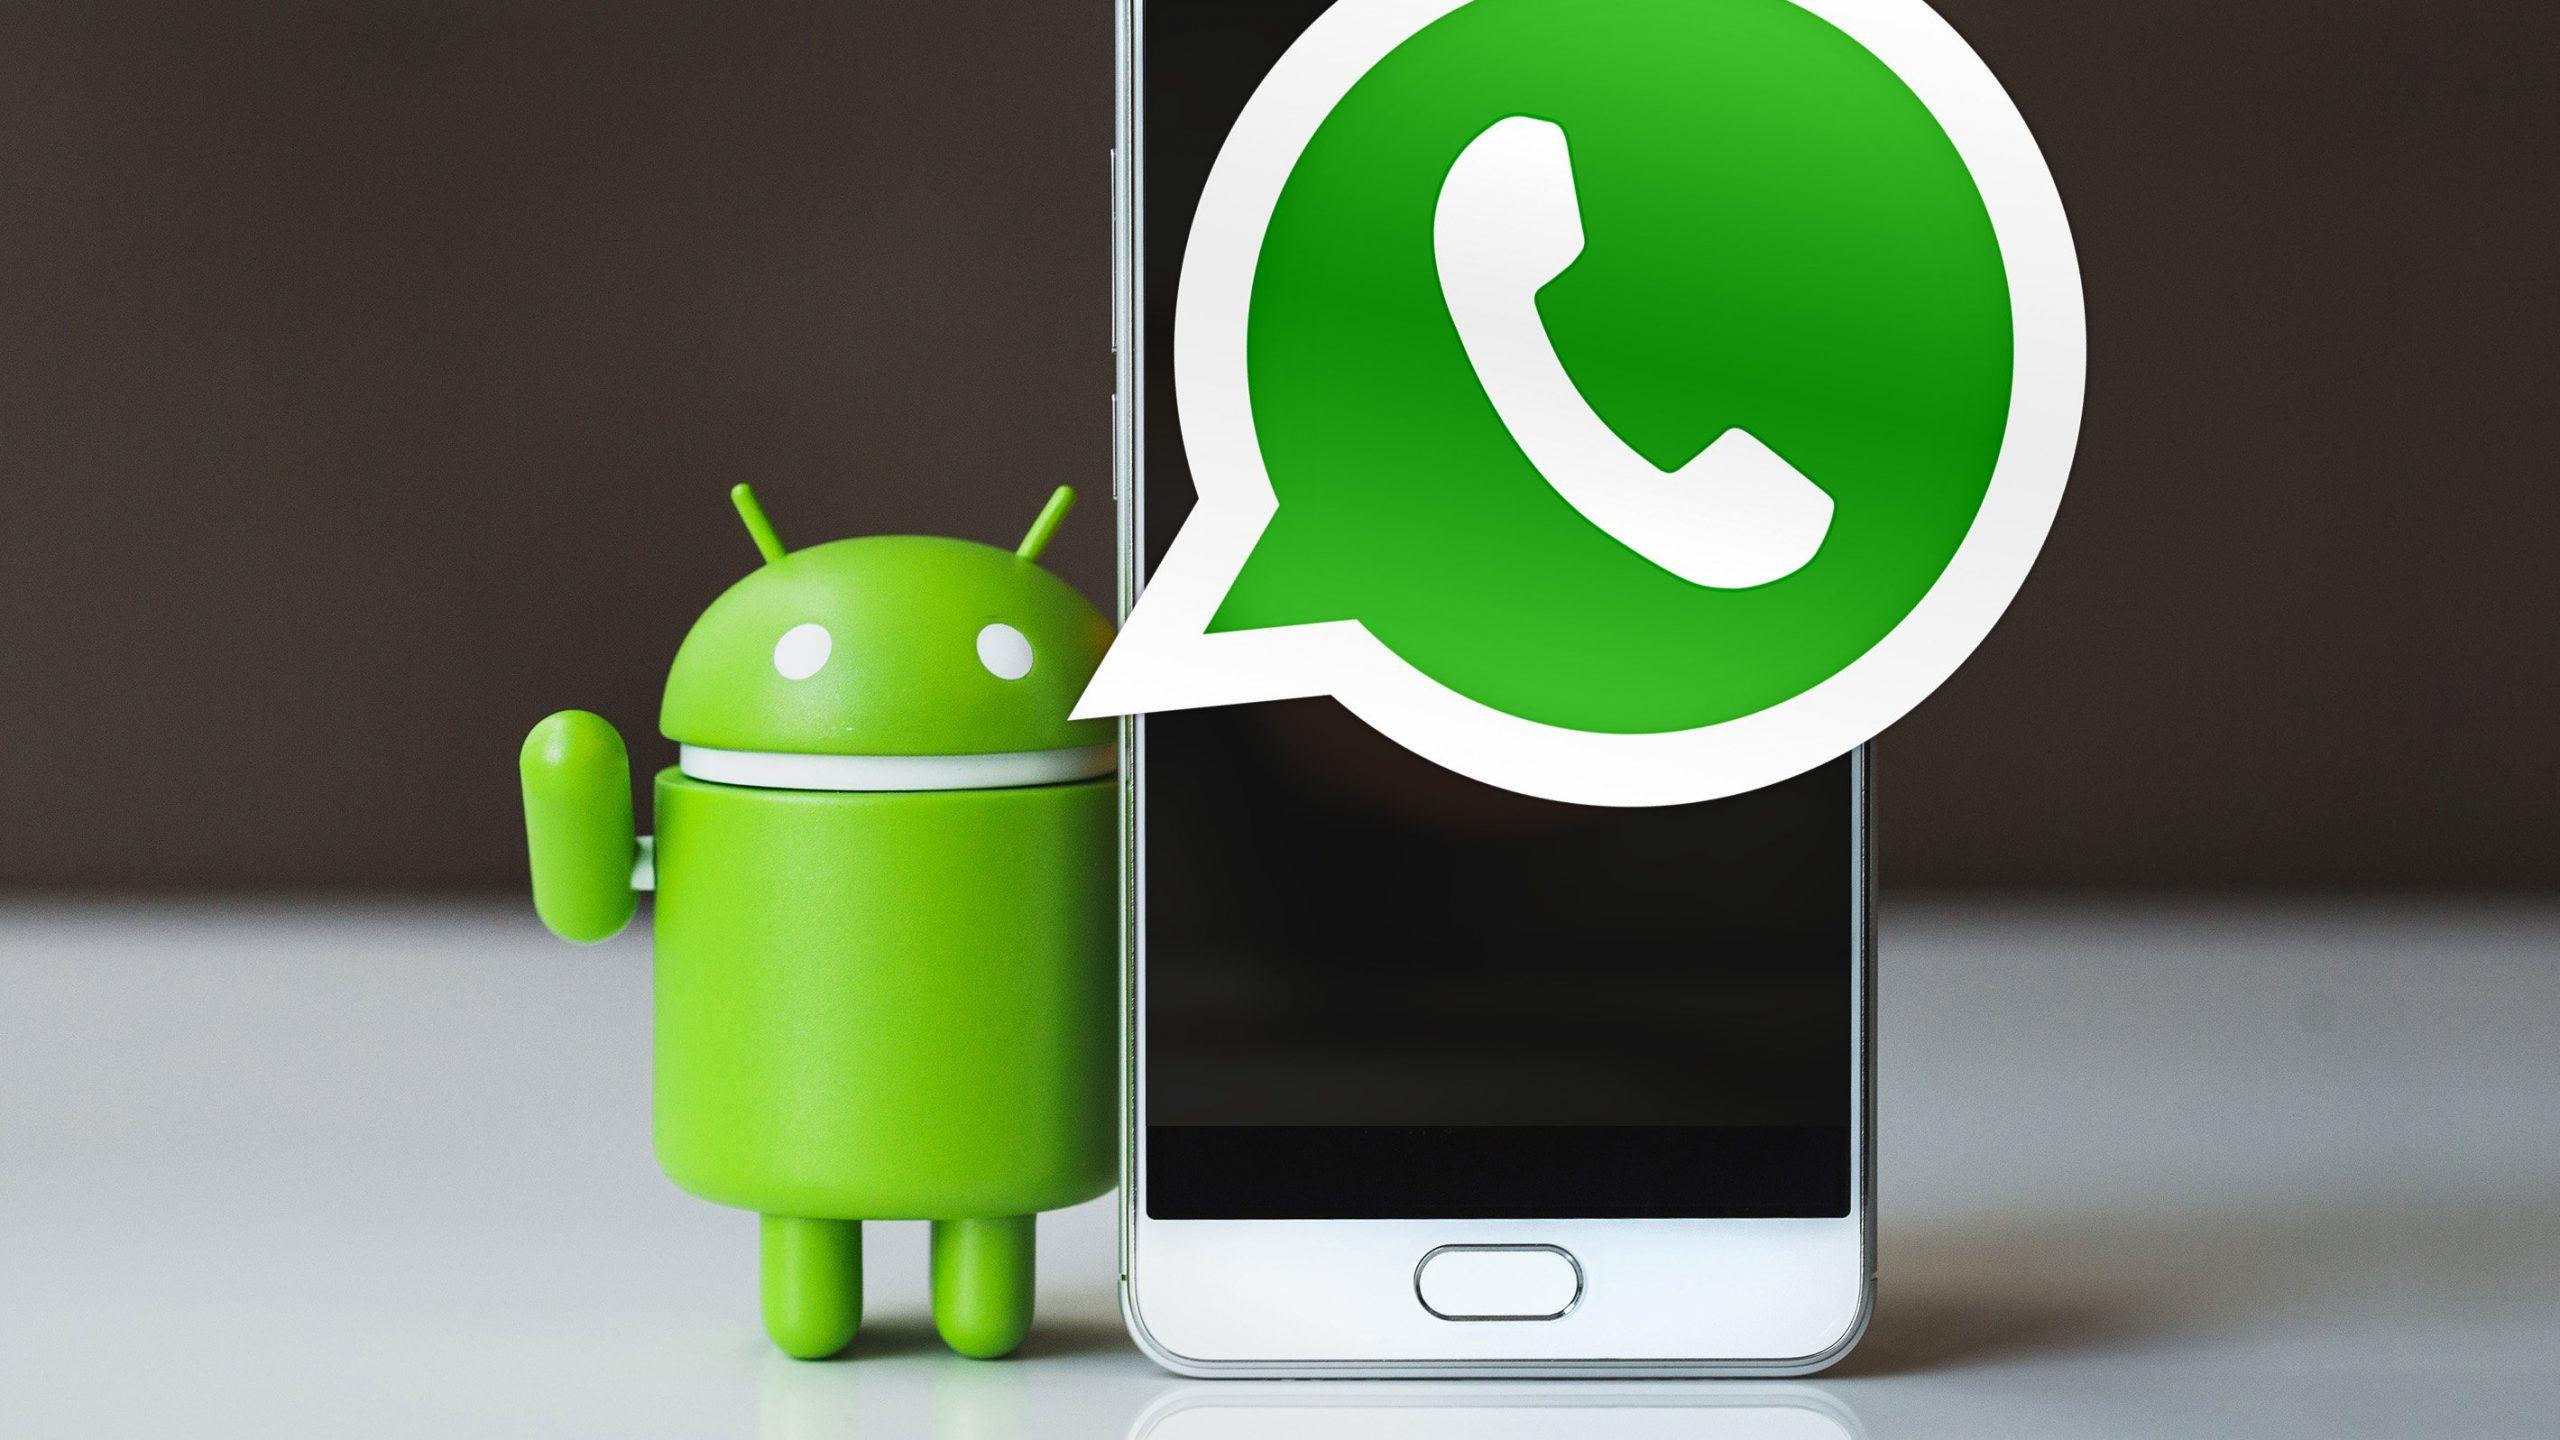 Semua tentang opsi untuk membatalkan pesan di WhatsApp